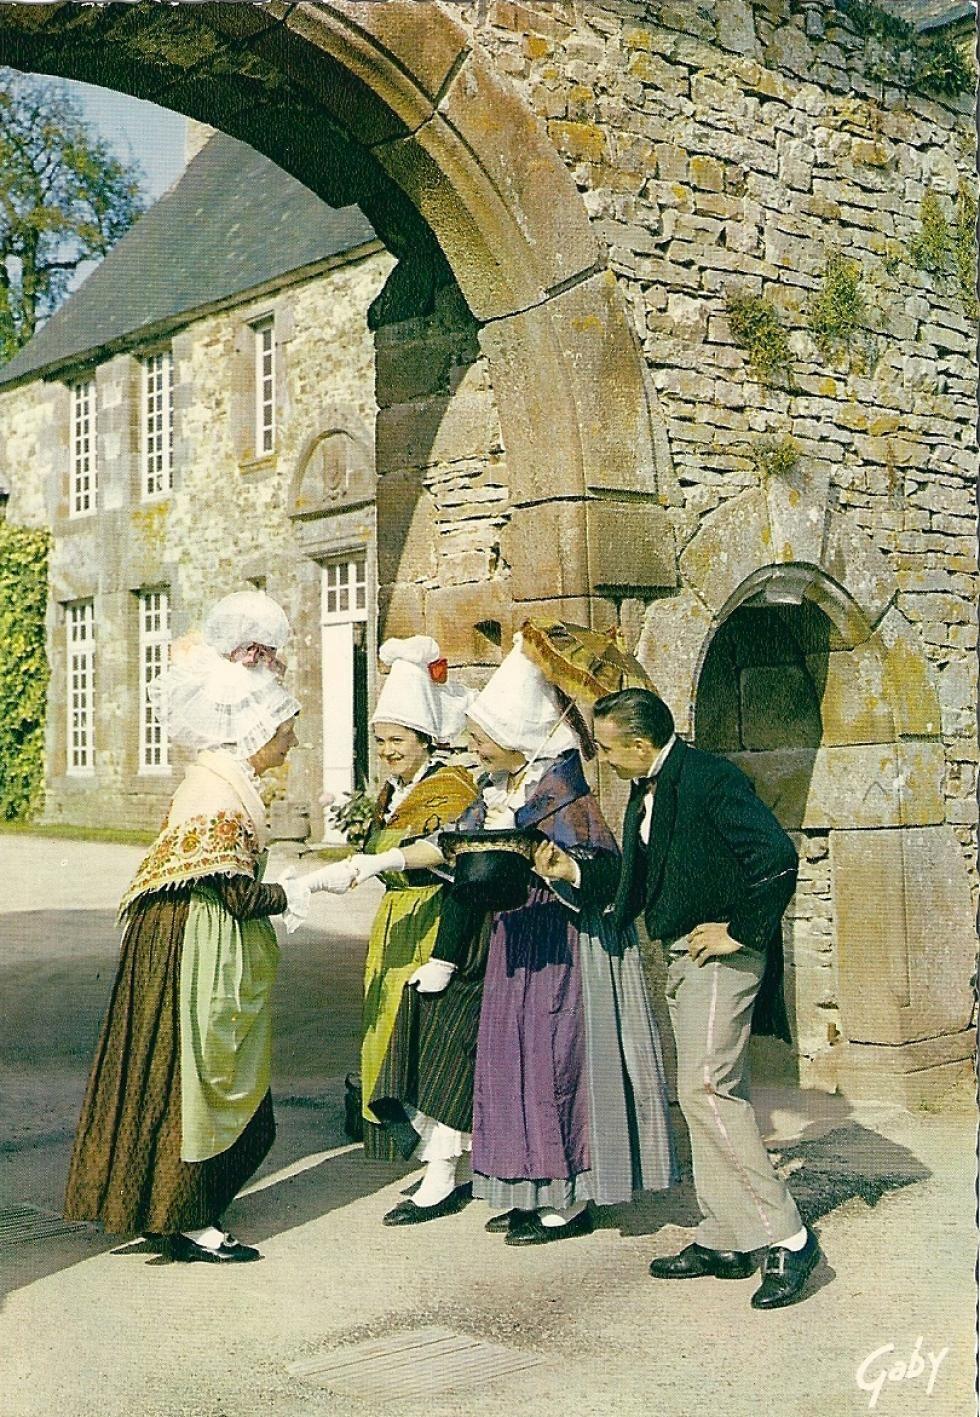 Troupe folklorique devant la Chaslerie, vers 1960. Photo Gaby.